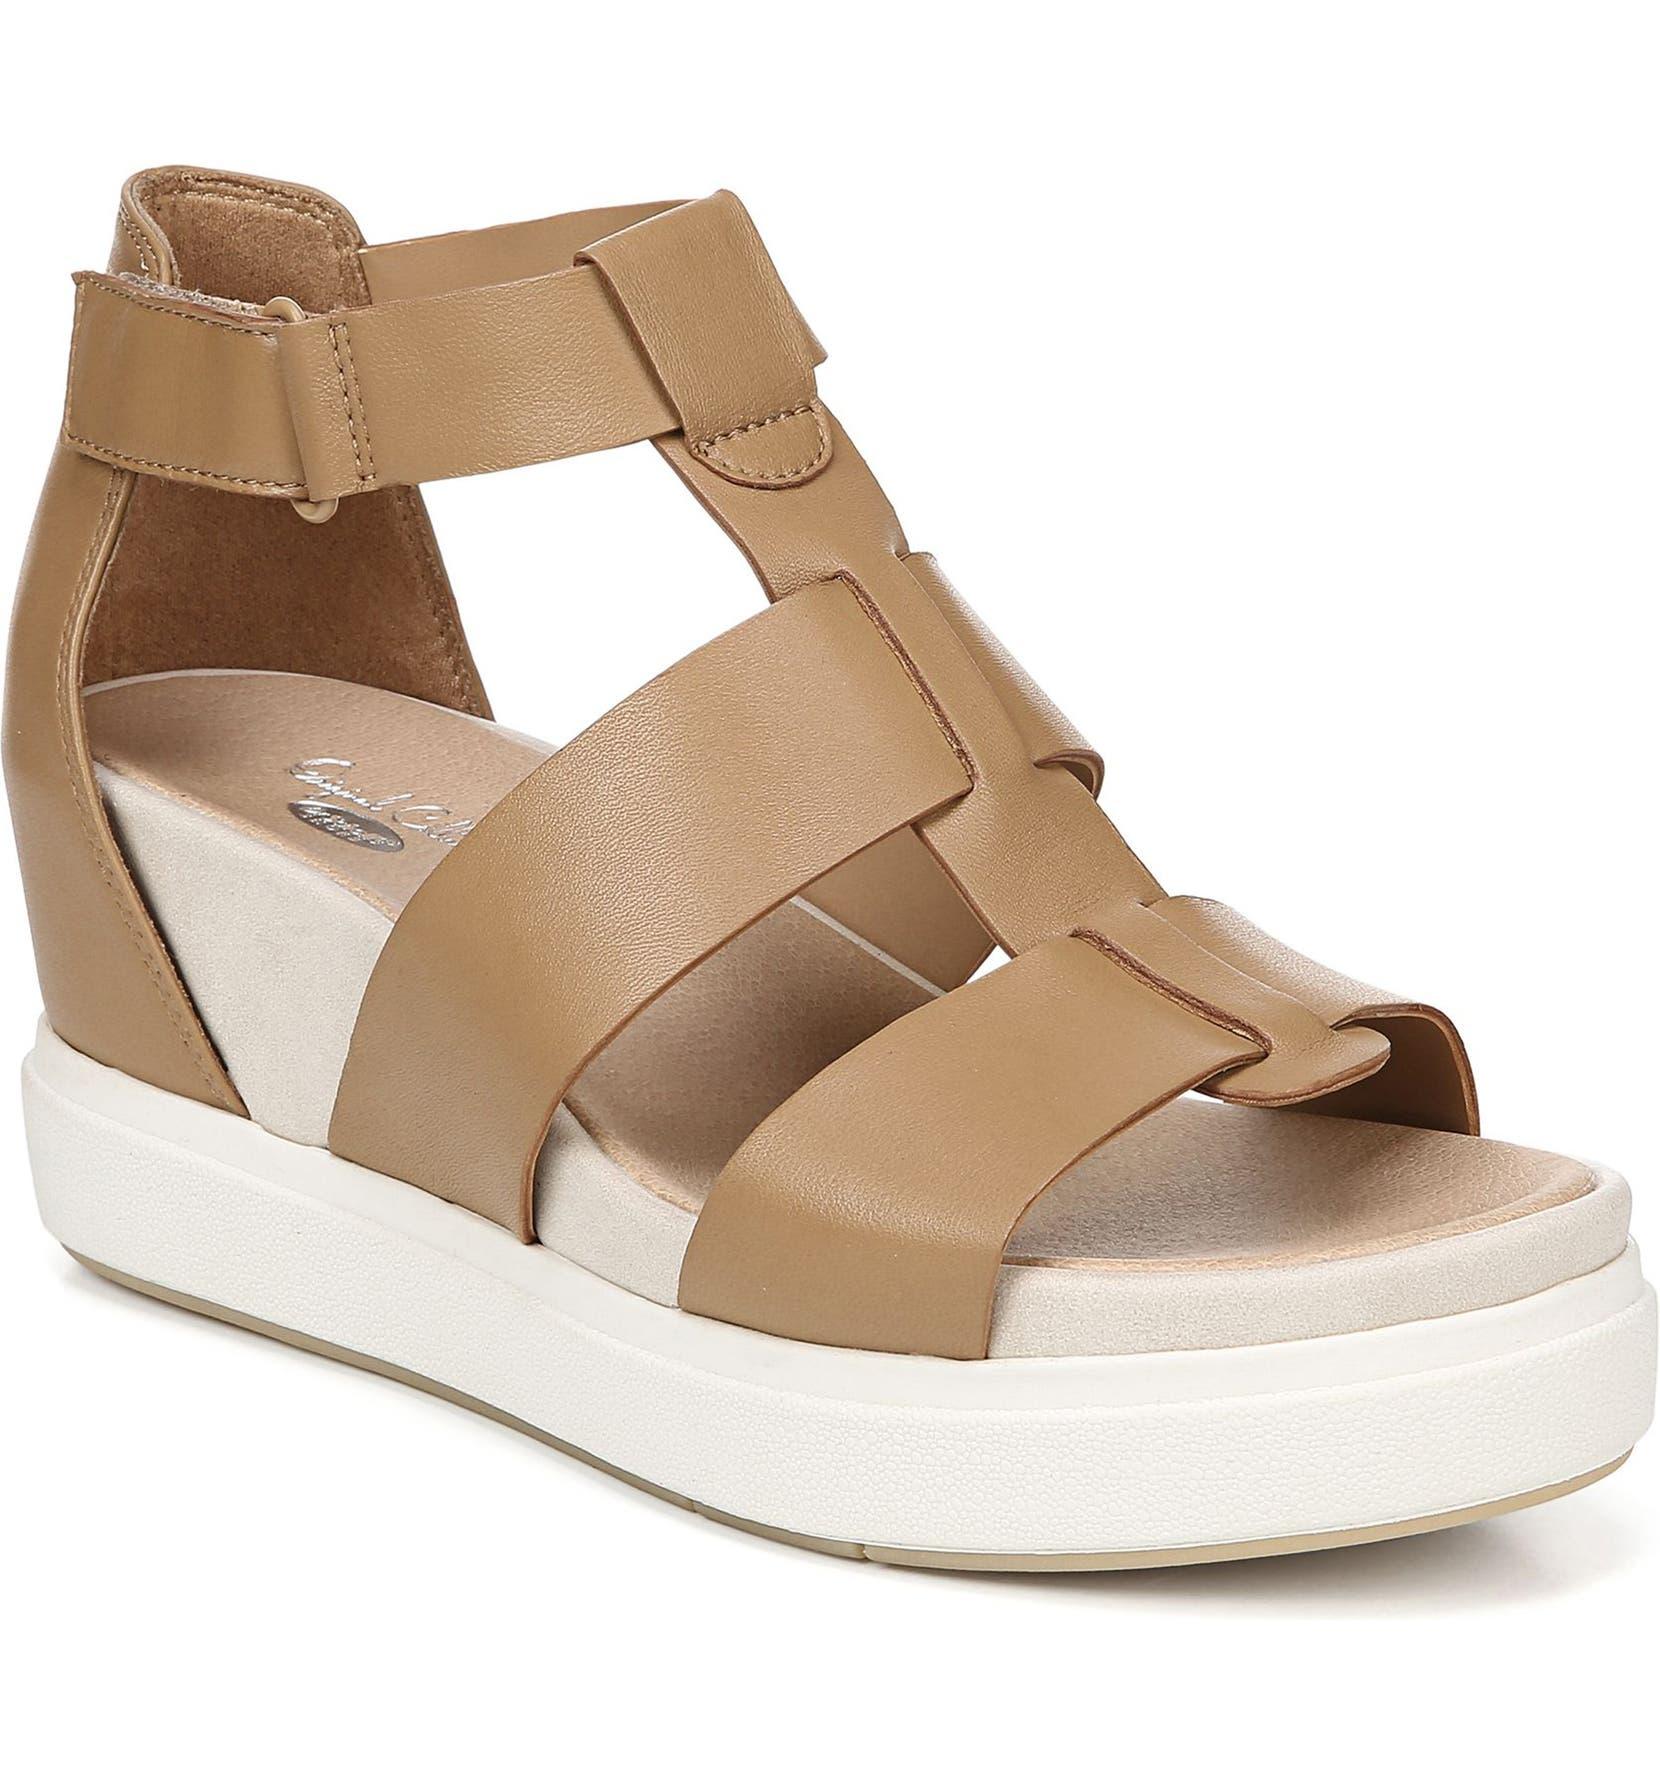 Saffron DrScholls DrScholls Saffron Sandal Saffron Wedge Sandal Wedge Sandal Wedge DrScholls k08wnPO